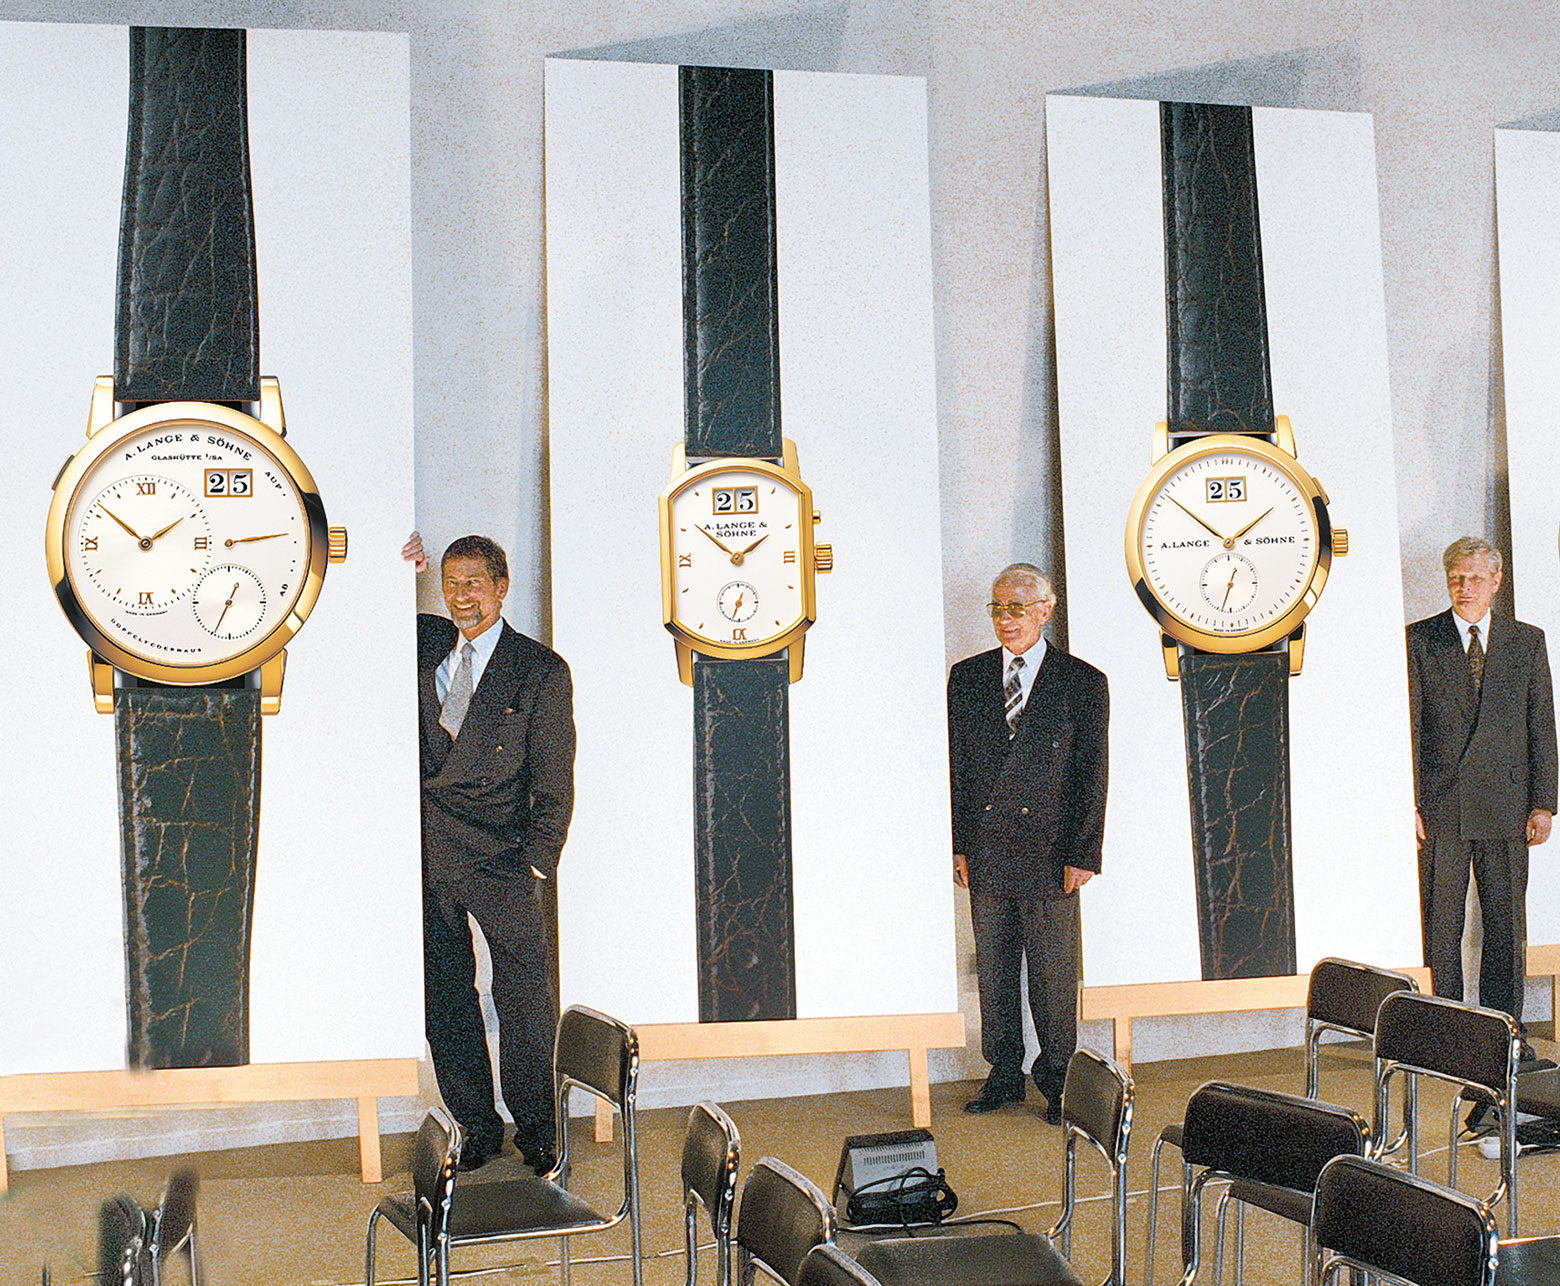 Prezentacja nowych kolekcji A. Lange & Söhne - 1994